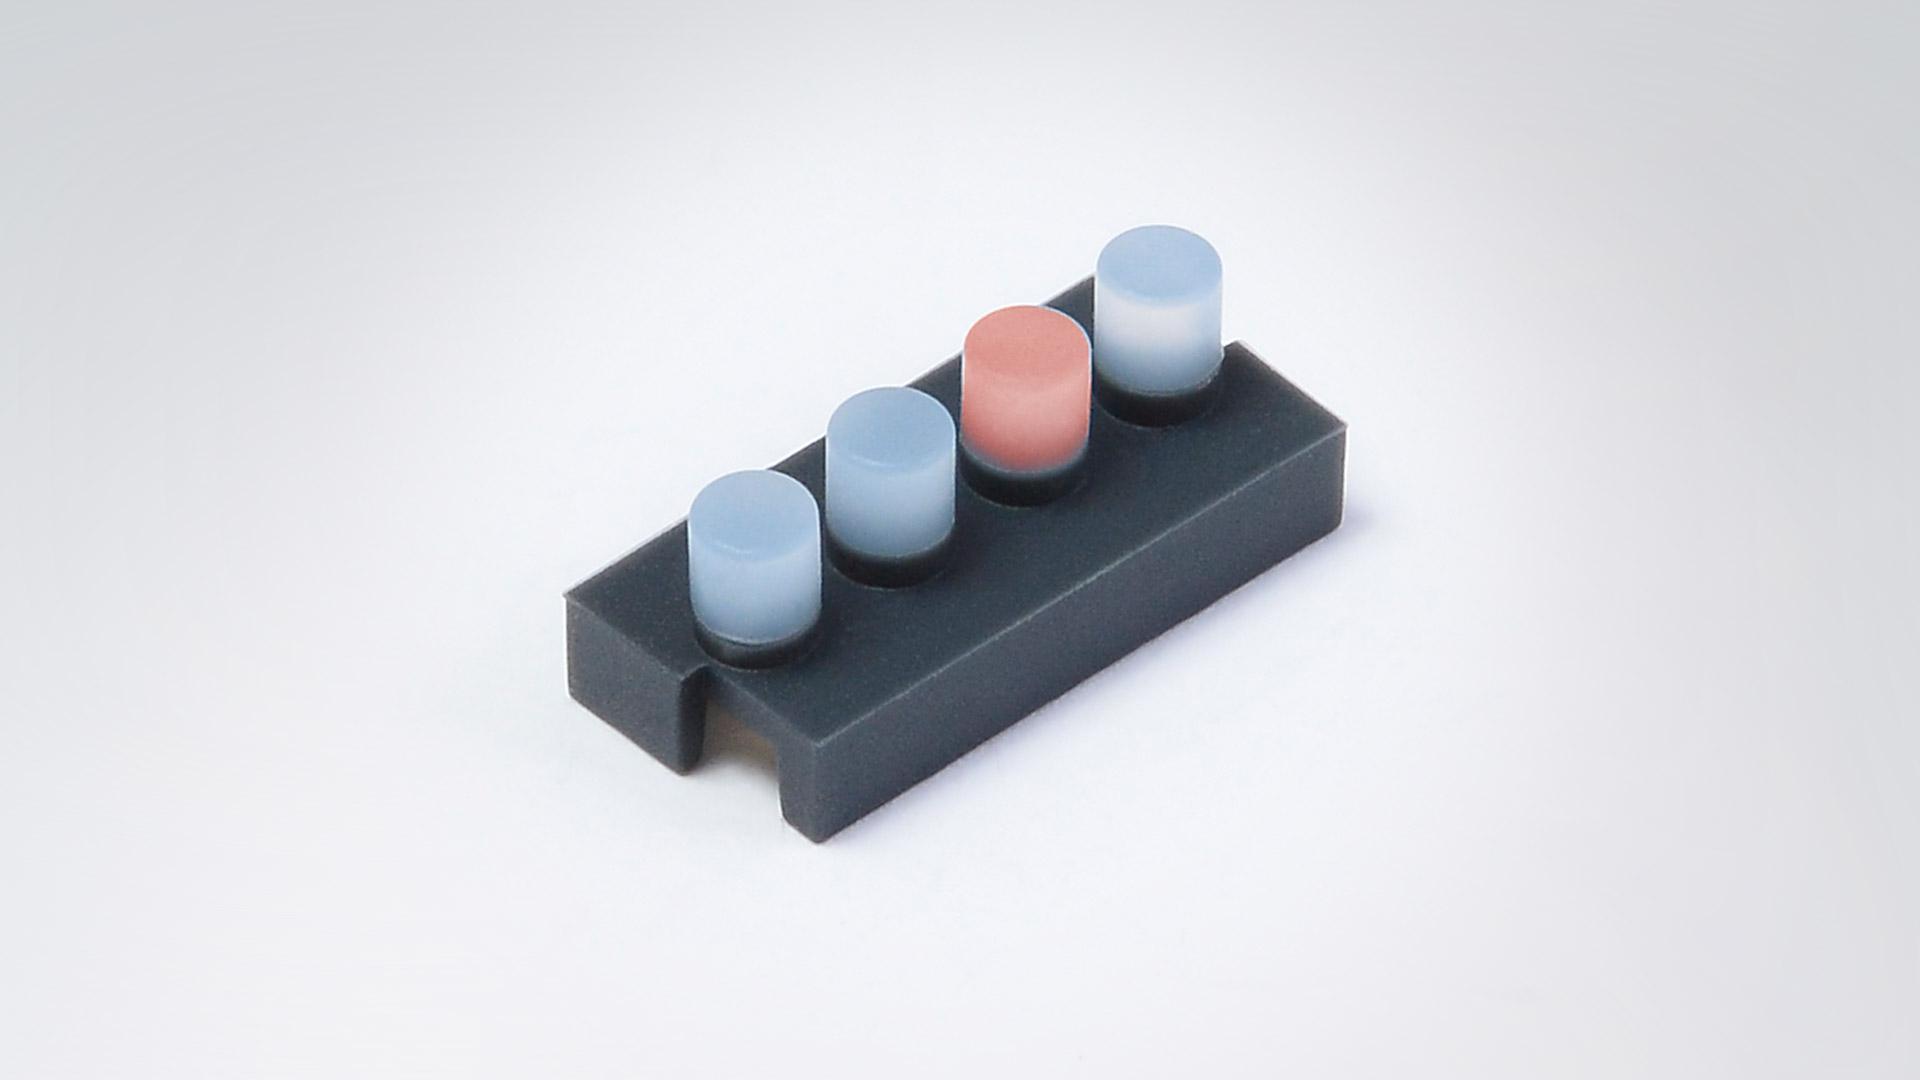 2K-Silikonformteil – Lichtleiter - Beispiel 3